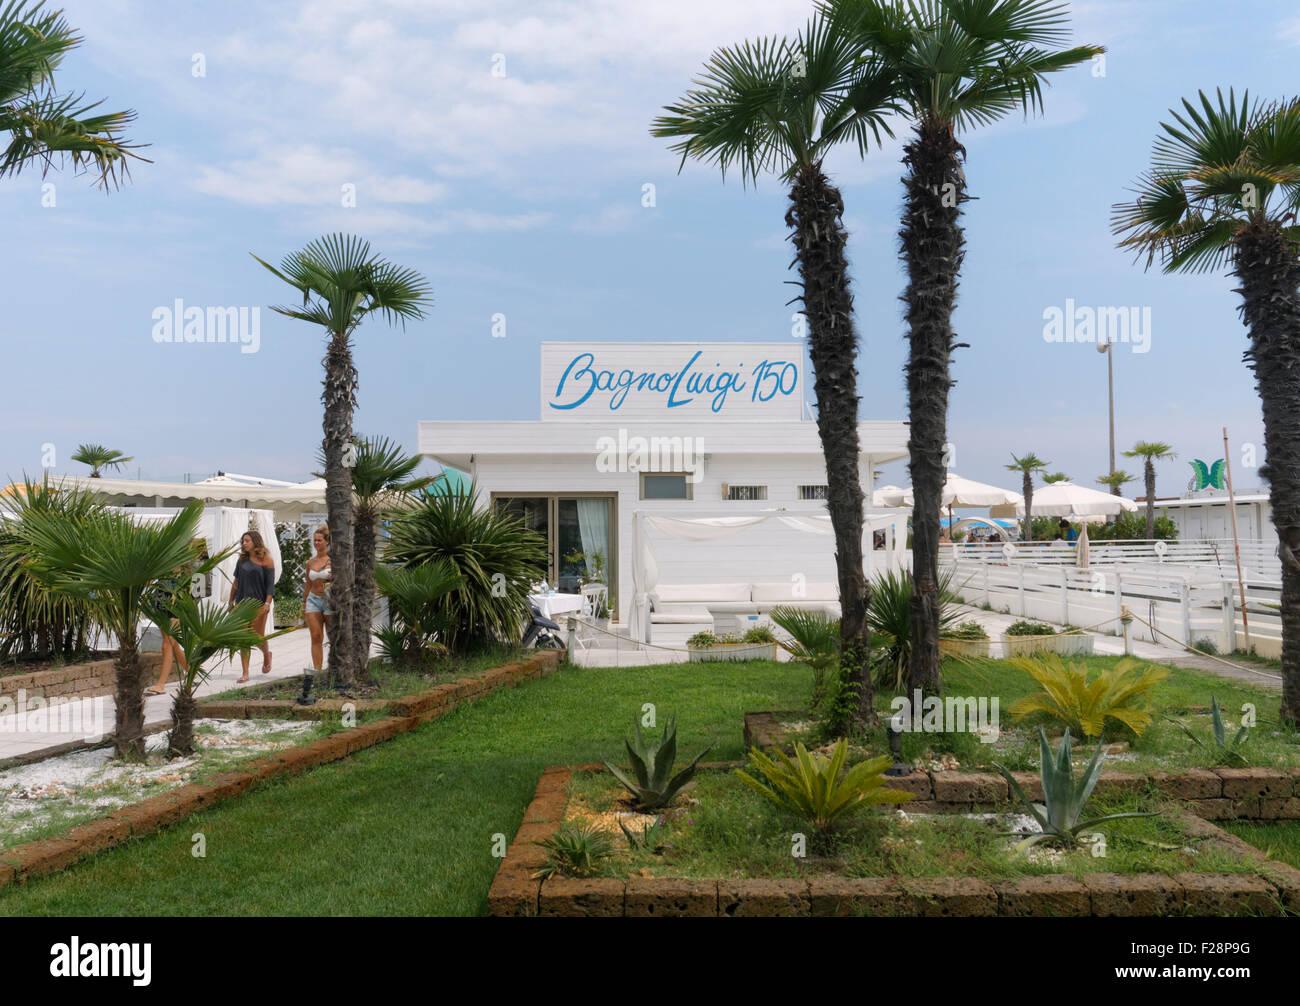 Bagno luigi 150 one of the private beaches in pinarella - Bagno palm beach pinarella ...